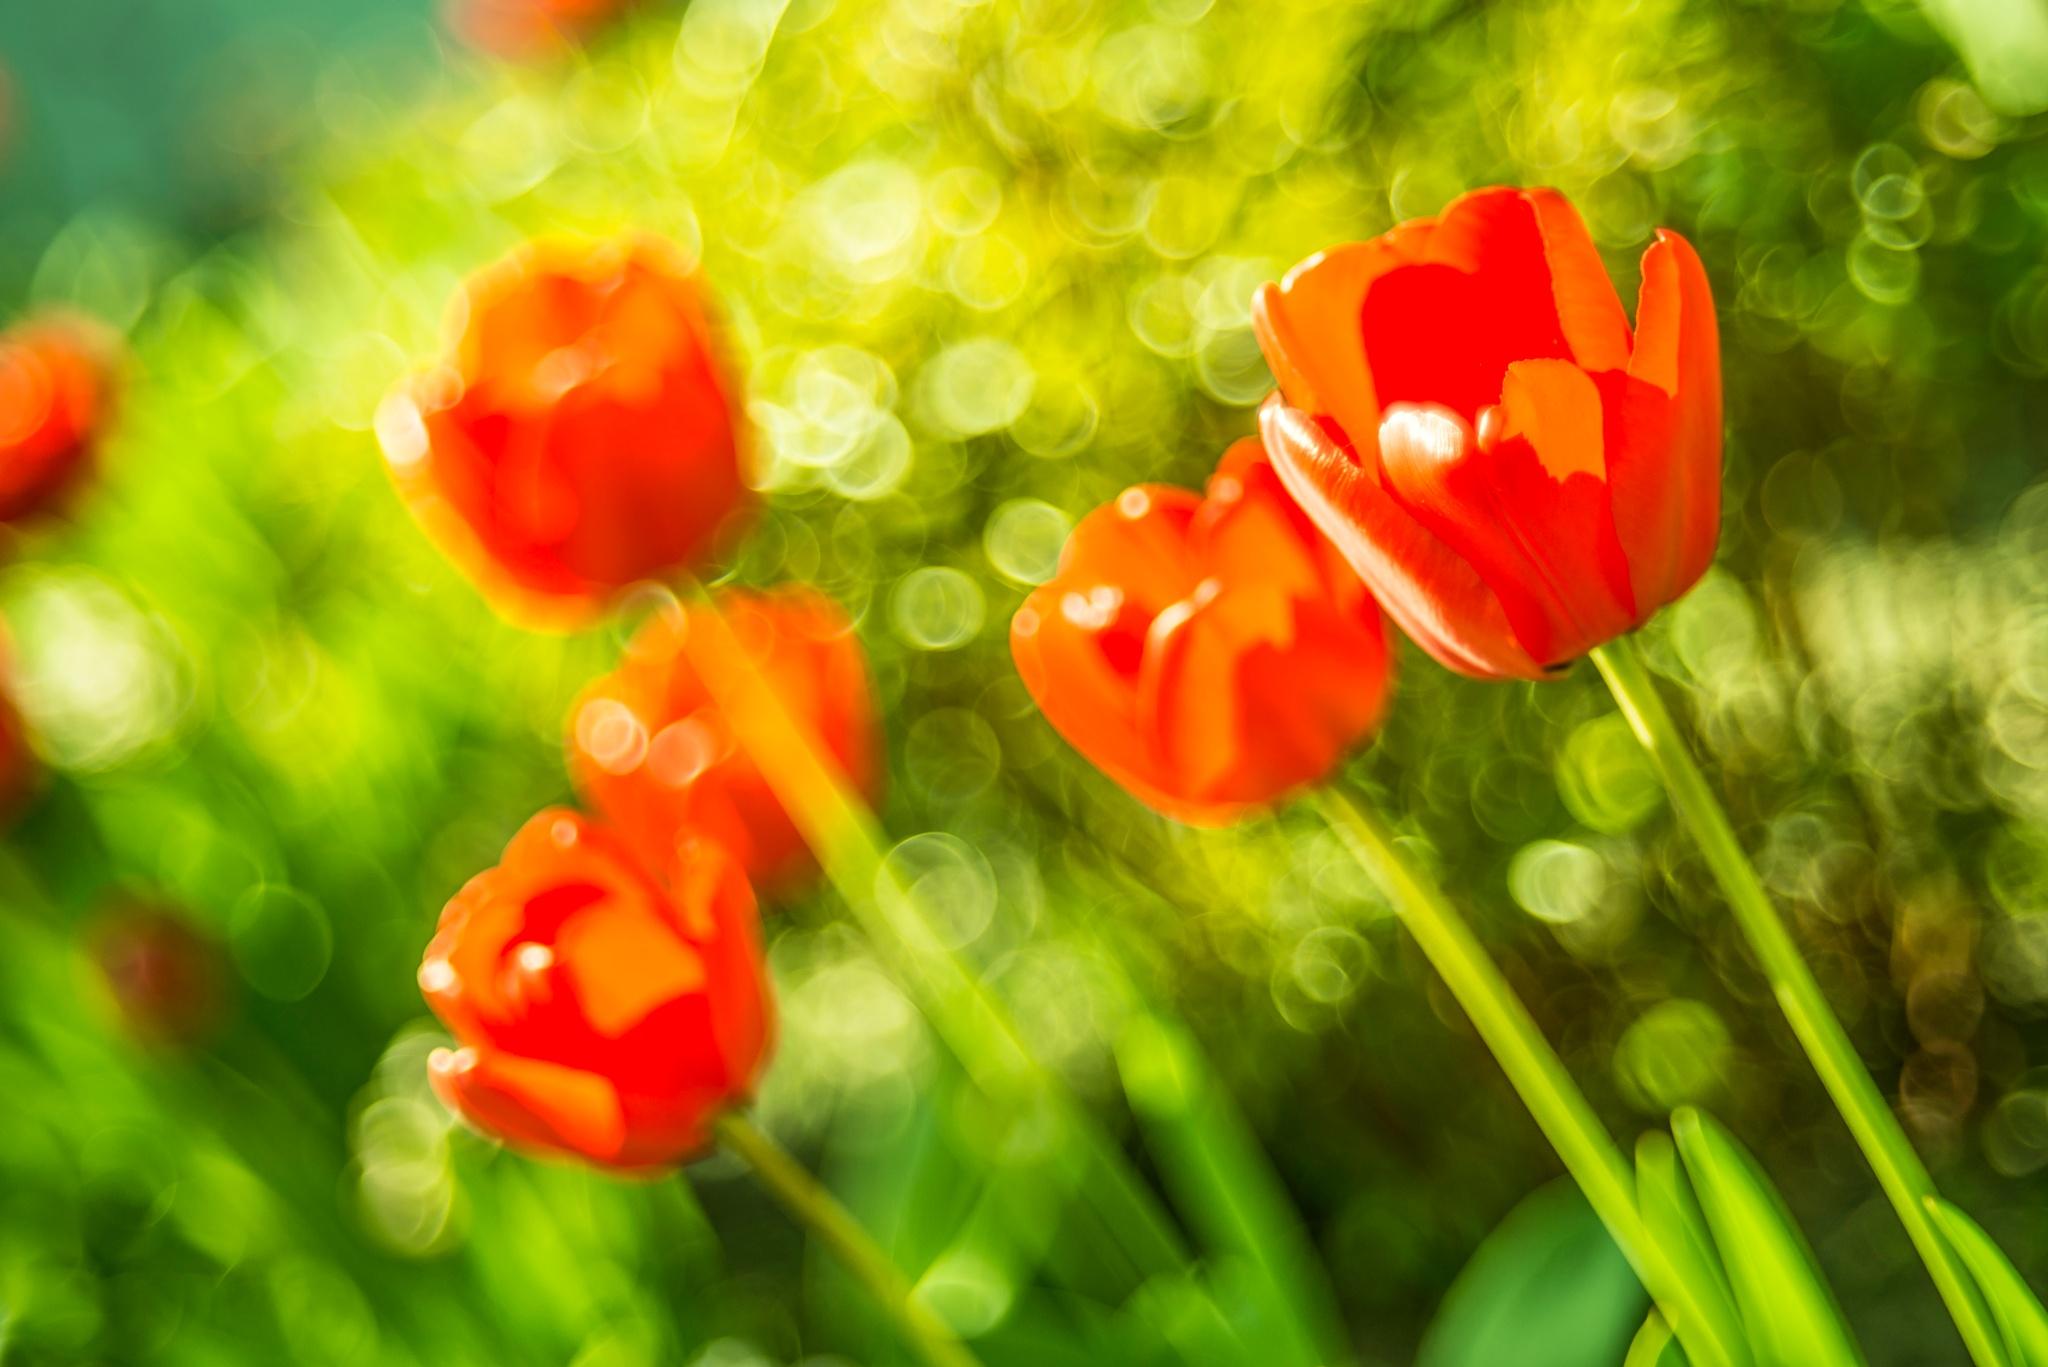 Tulips by Jaroslaw Grudzinski